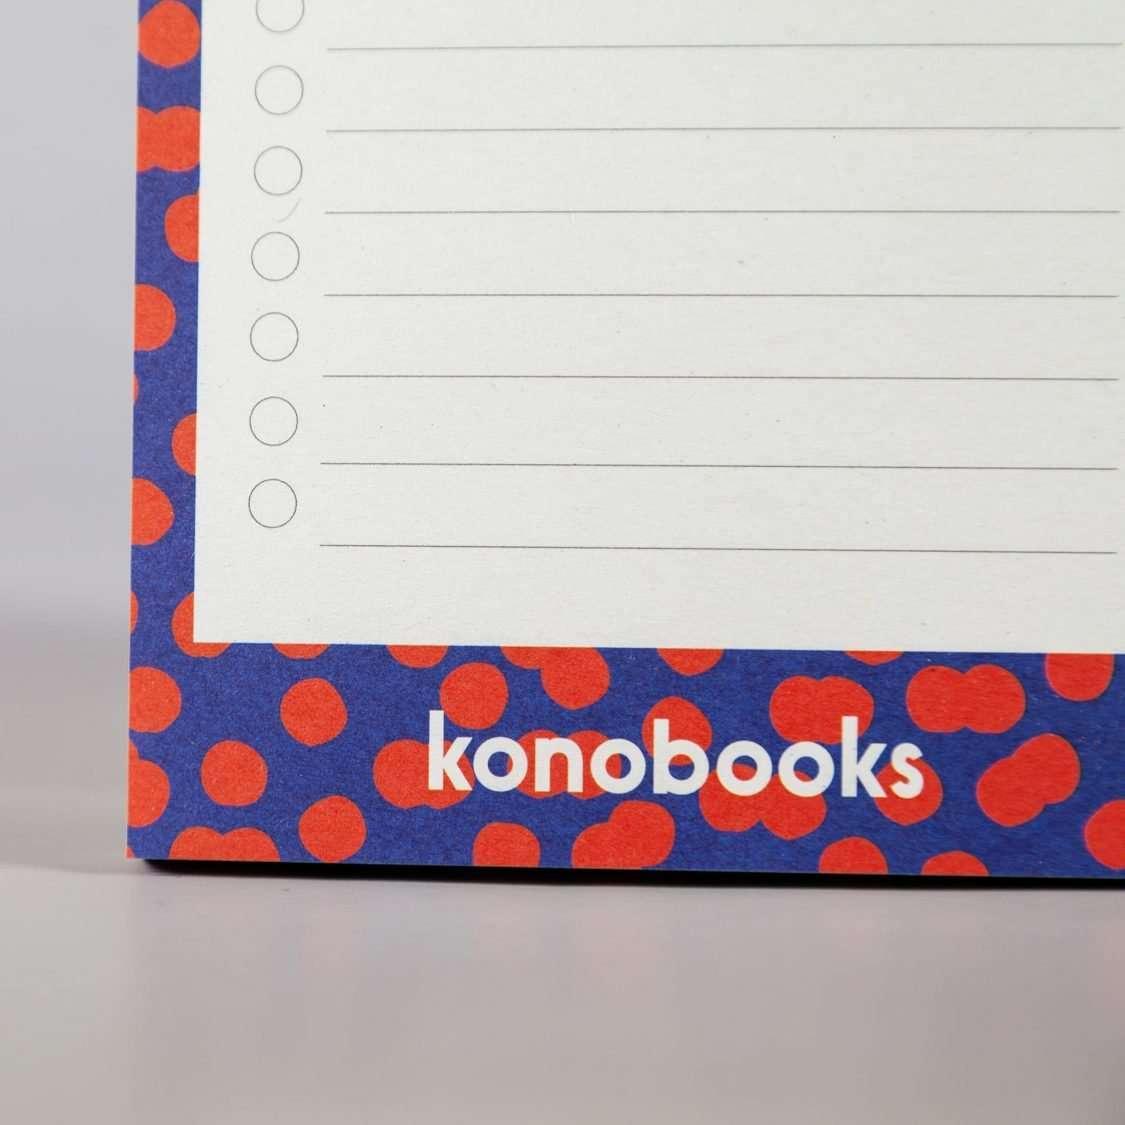 Blocco Note Ecologico in carta riciclata - Konobooks